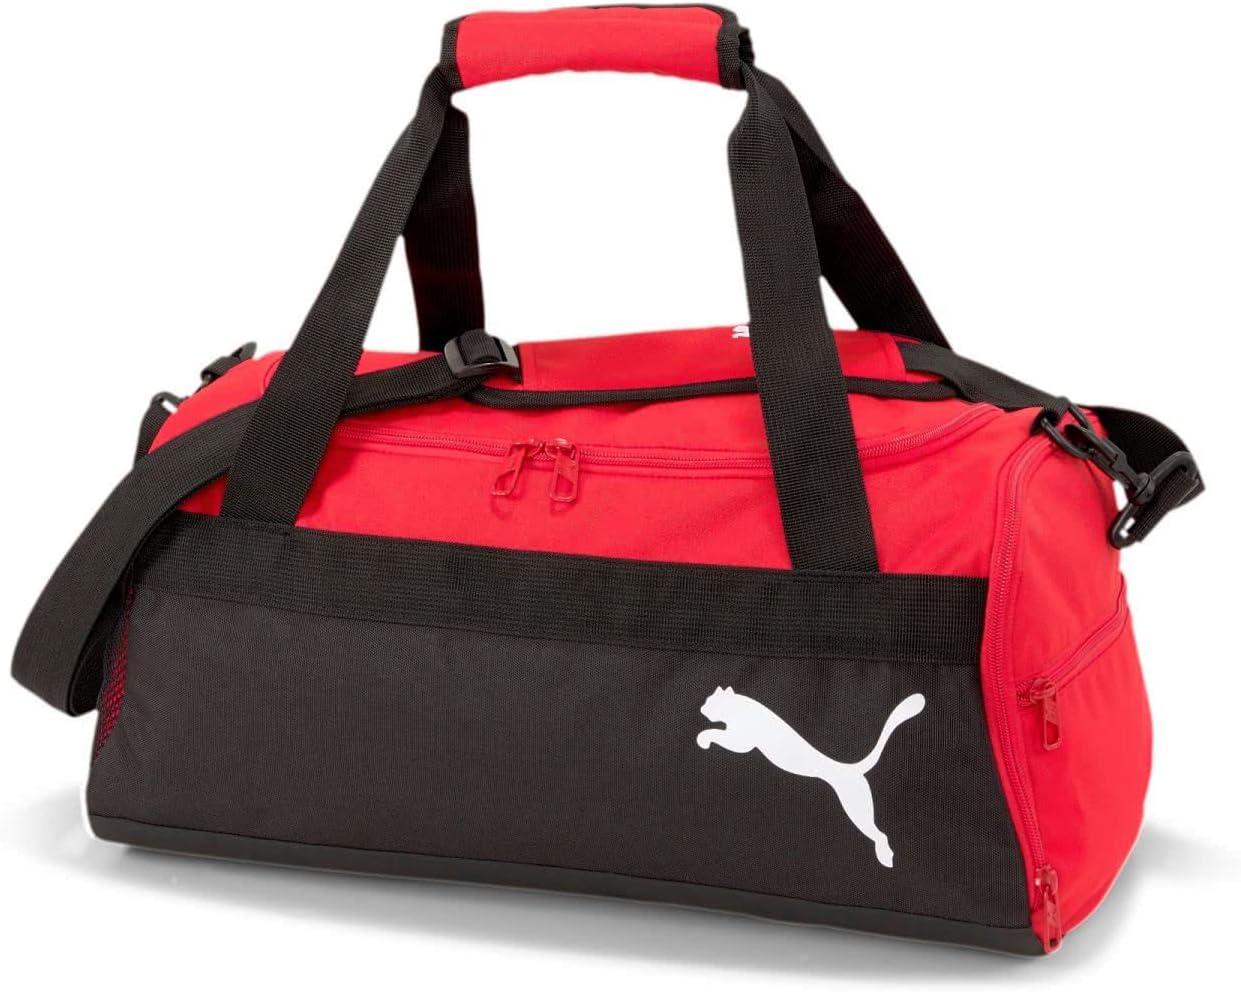 PUMA teamGOAL 23 Teambag S Bolsa Deporte, Unisex-Adult